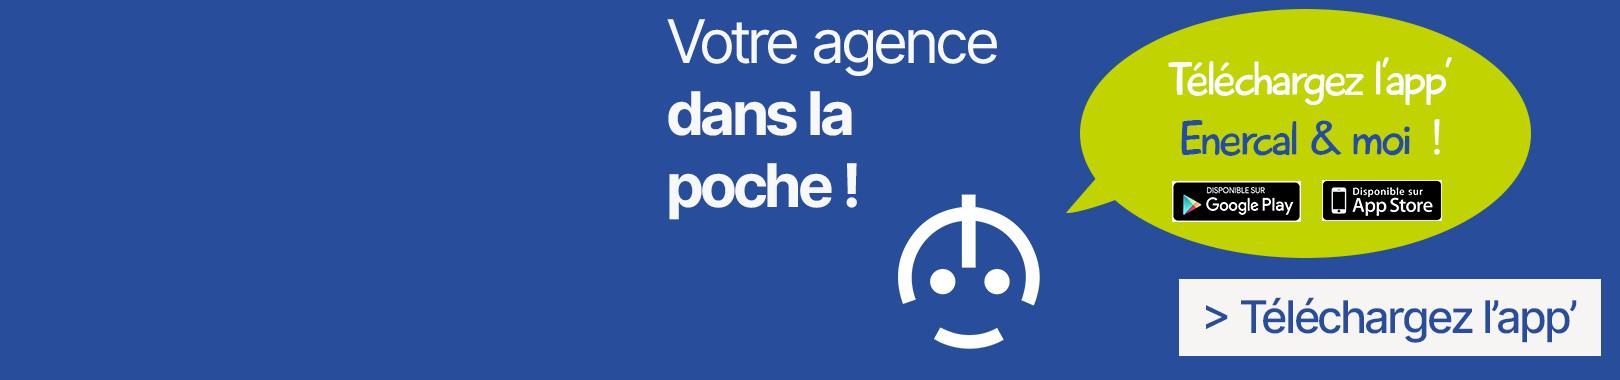 slideshow-app-enercal-et-moi.png